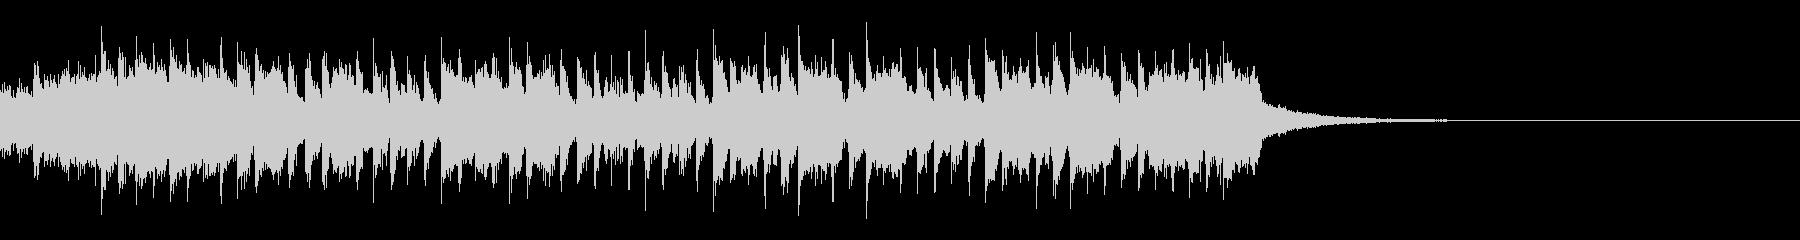 ハウスミュージック2(30秒 SNS)の未再生の波形